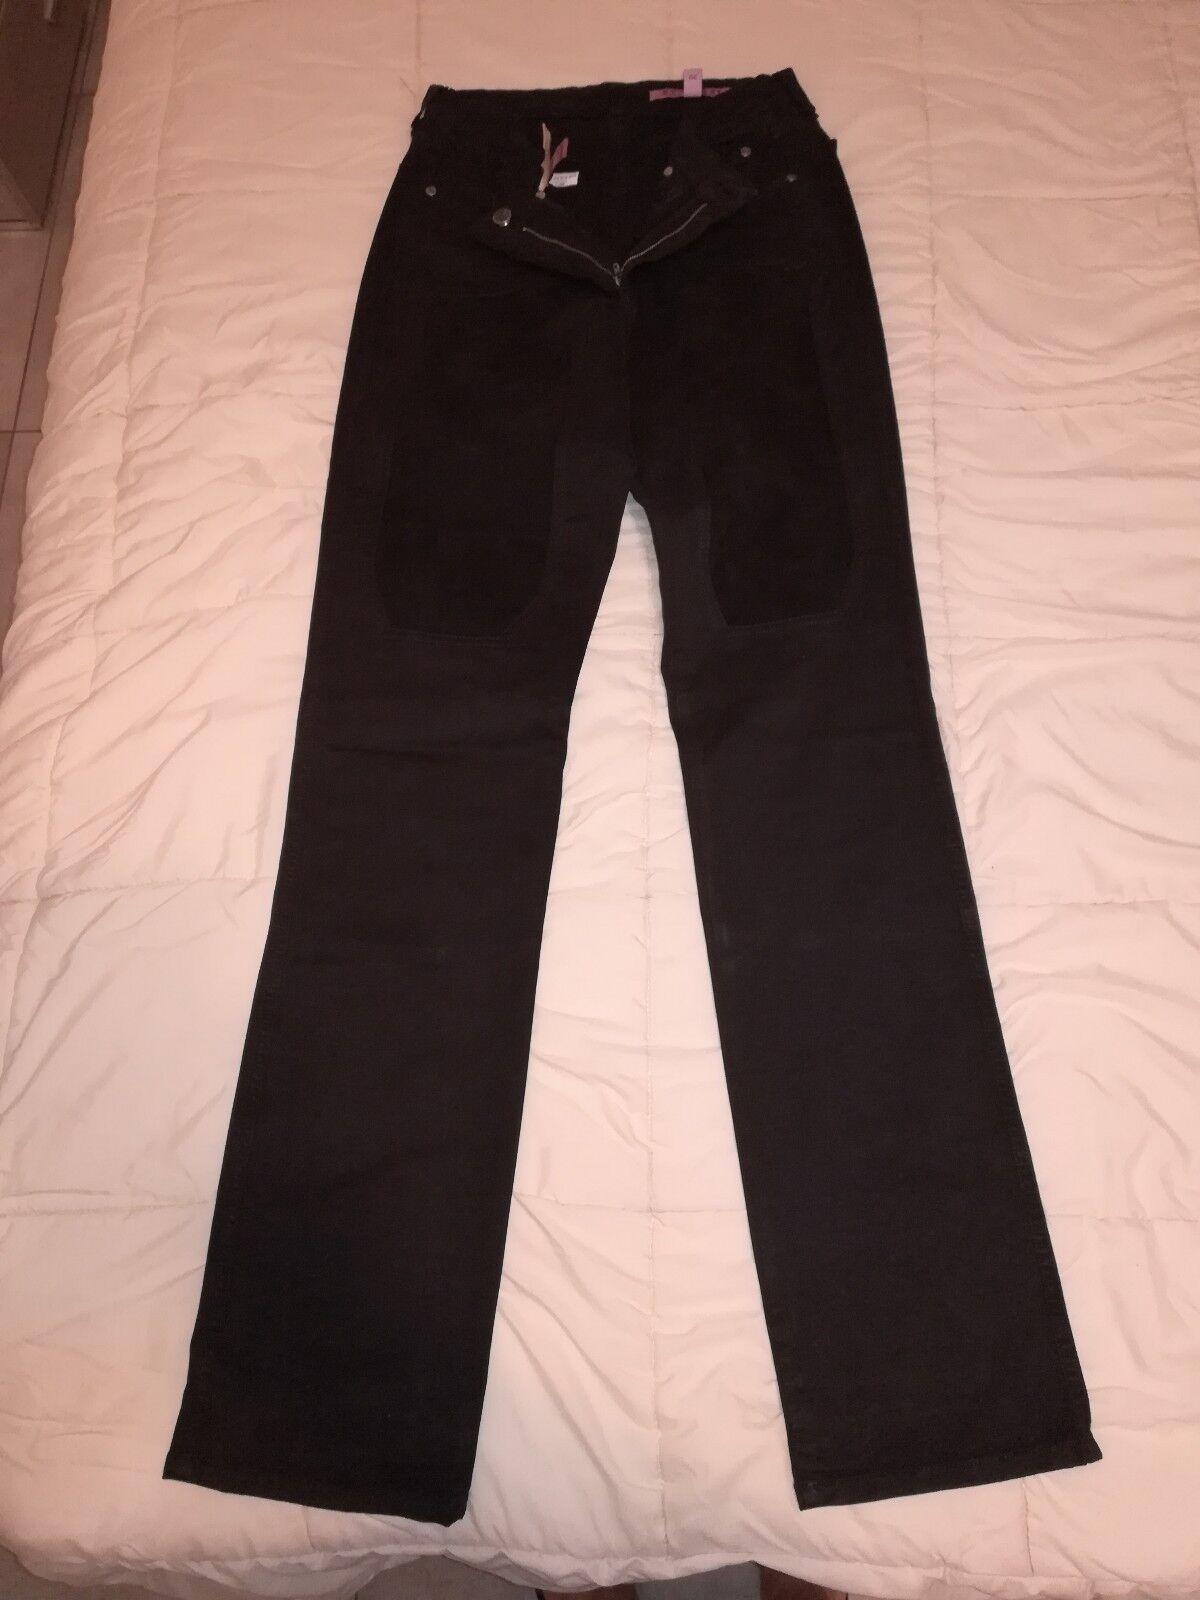 JECKERSON Jeans donna TG 30 colore Marronee Scuro con toppe Scamosciate